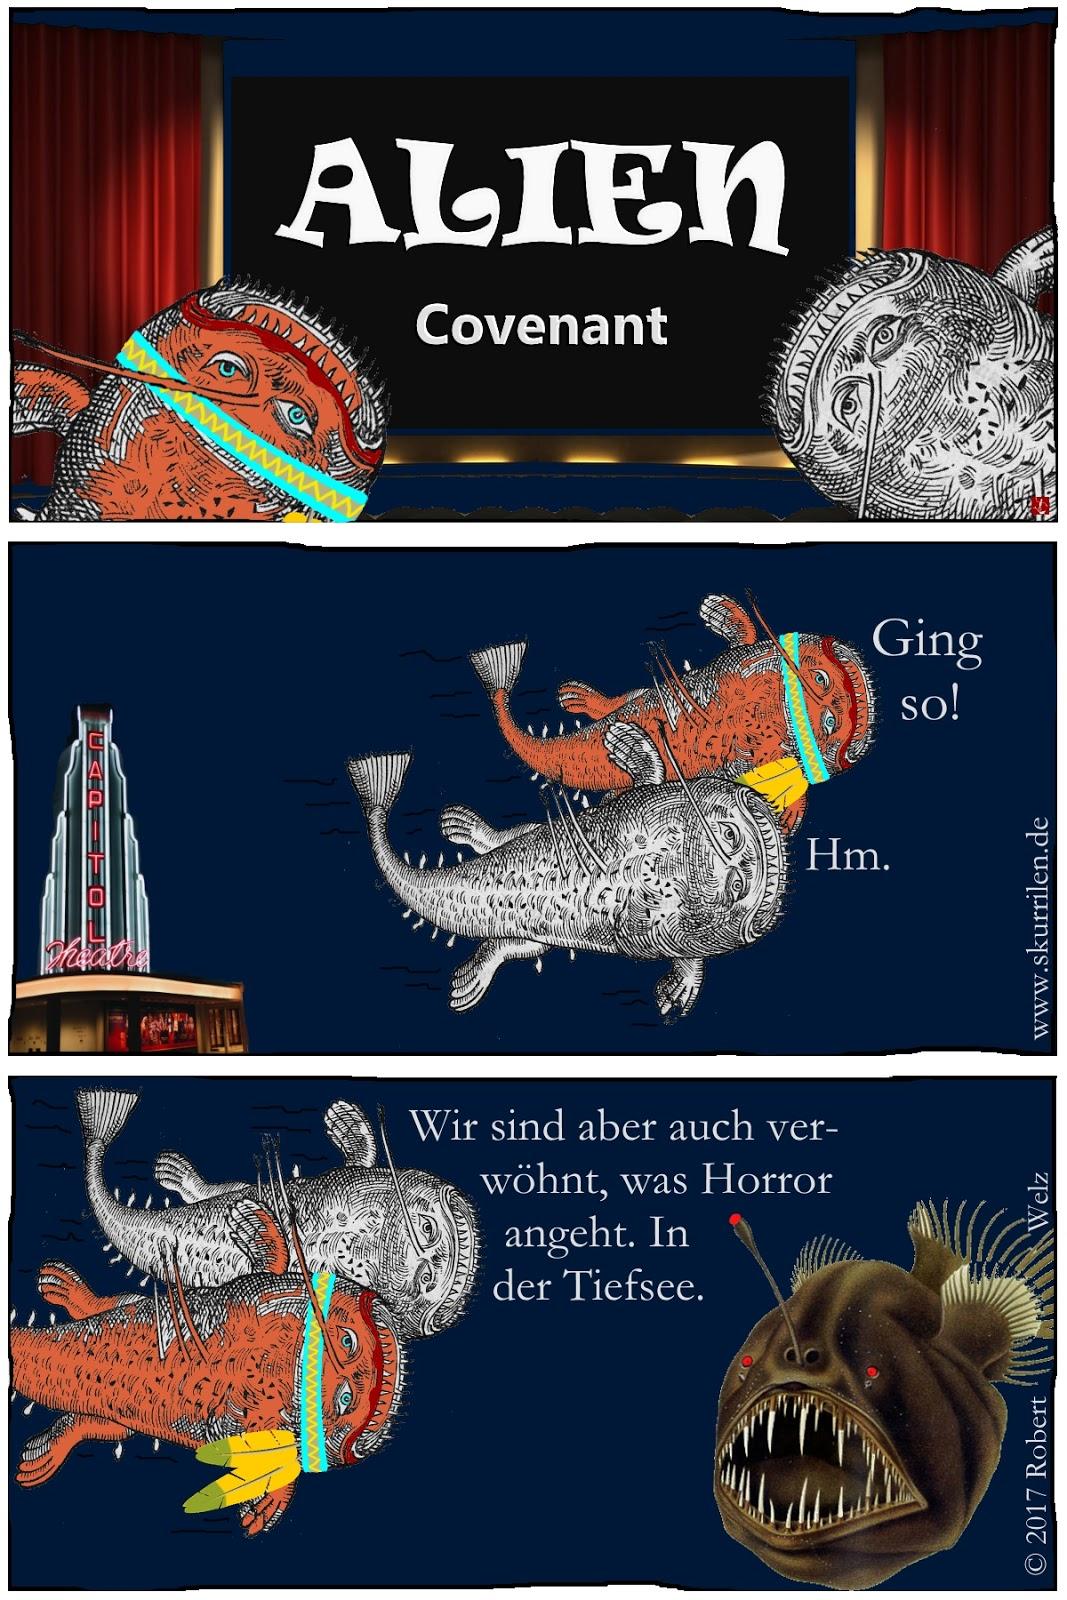 komisch Webcomic Grusel Horror Film Alien Covenant Seeungeheuer Anglerfisch Satire Humor Tiefsee